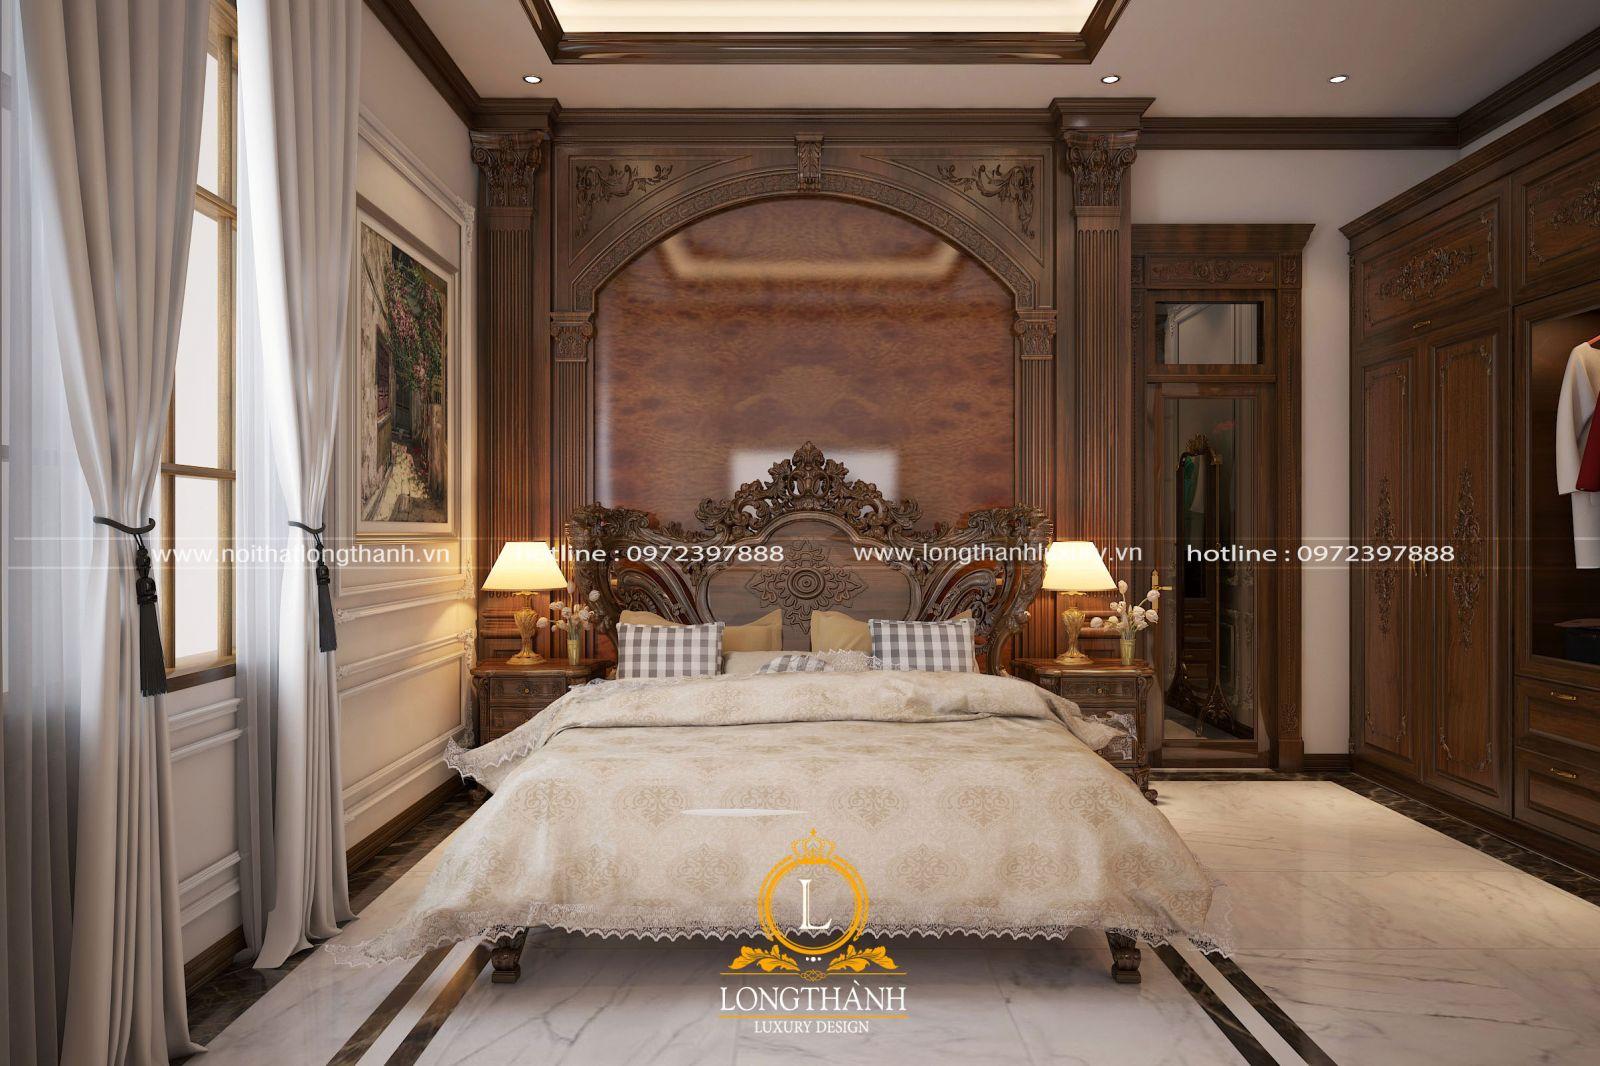 Không gian nội thất phòng ngủ cao cấp được chủ nhân lựa chọn gam màu trầm